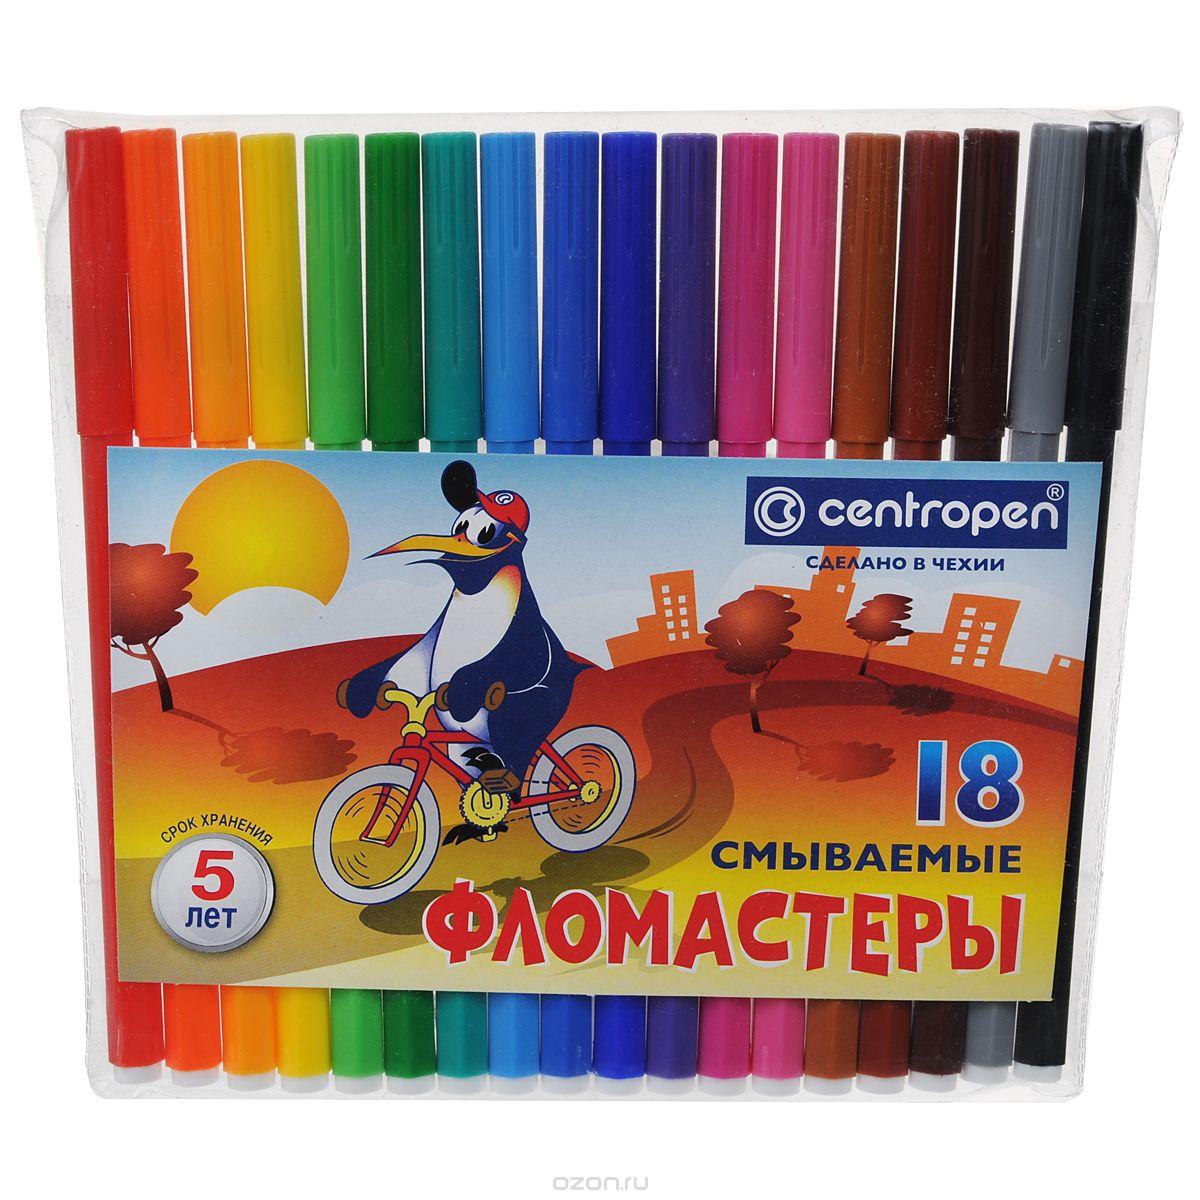 Фото - Centropen Набор фломастеров Пингвины 18 цветов centropen набор смываемых фломастеров colour world 18 цветов